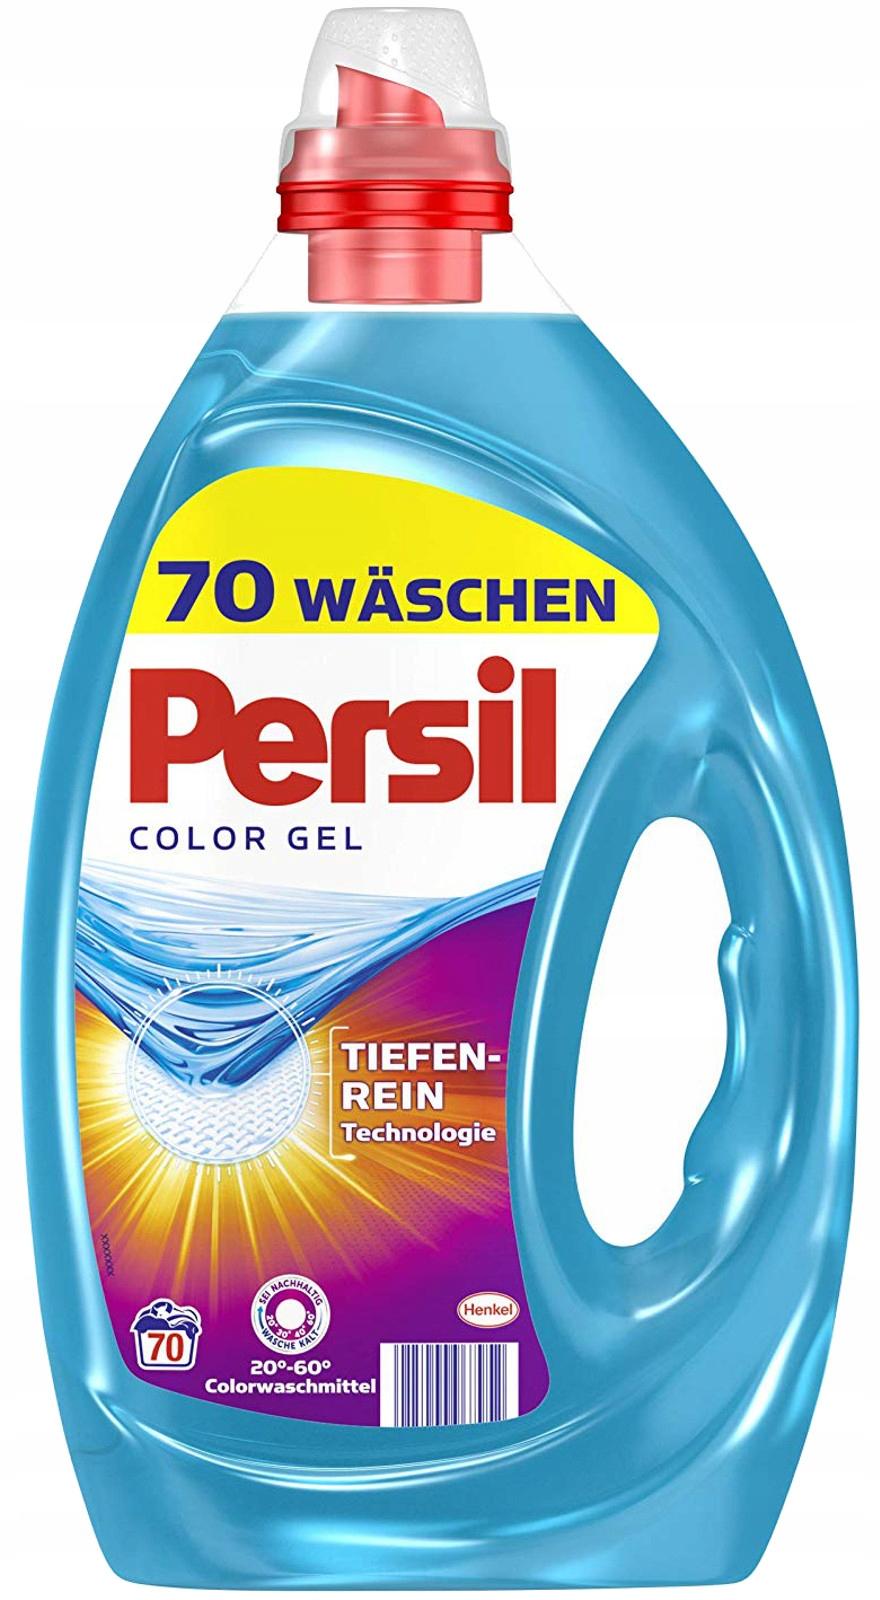 Persil Color Gel Farebný 70pr 3.5 L-DE